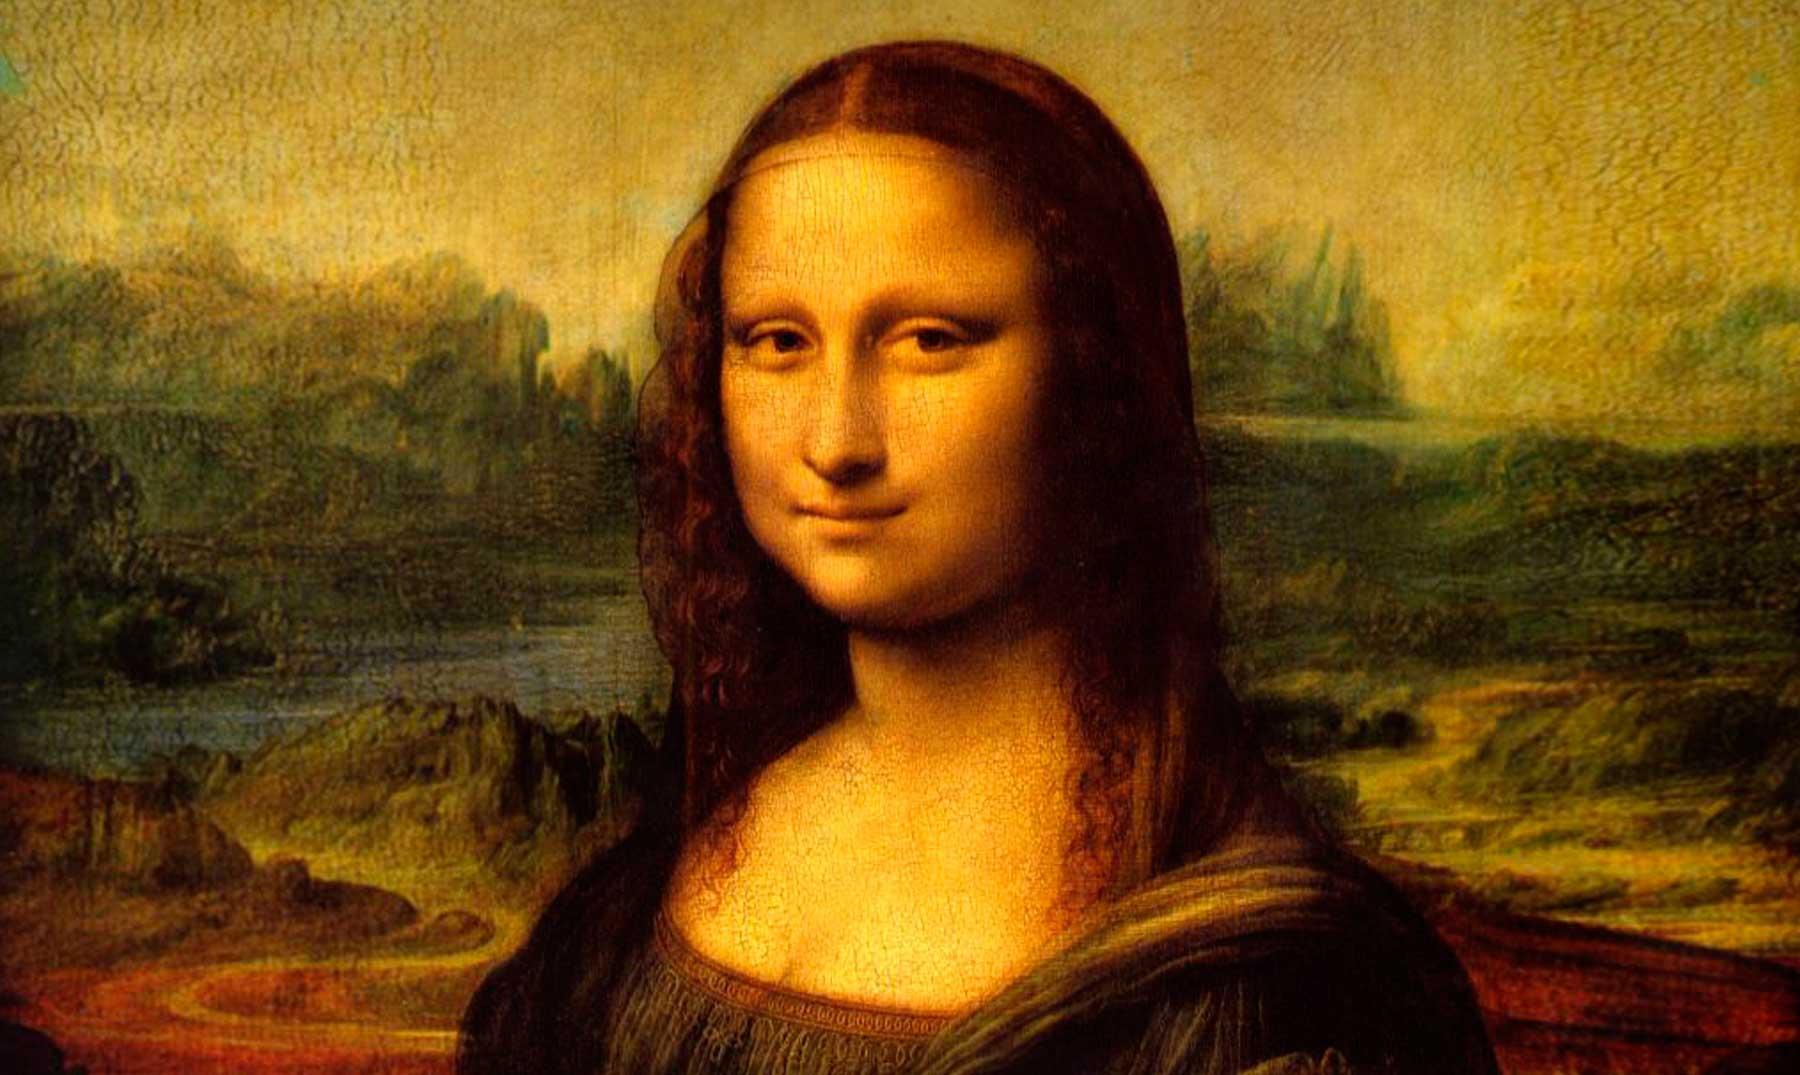 Los Ojos de la Mona Lisa